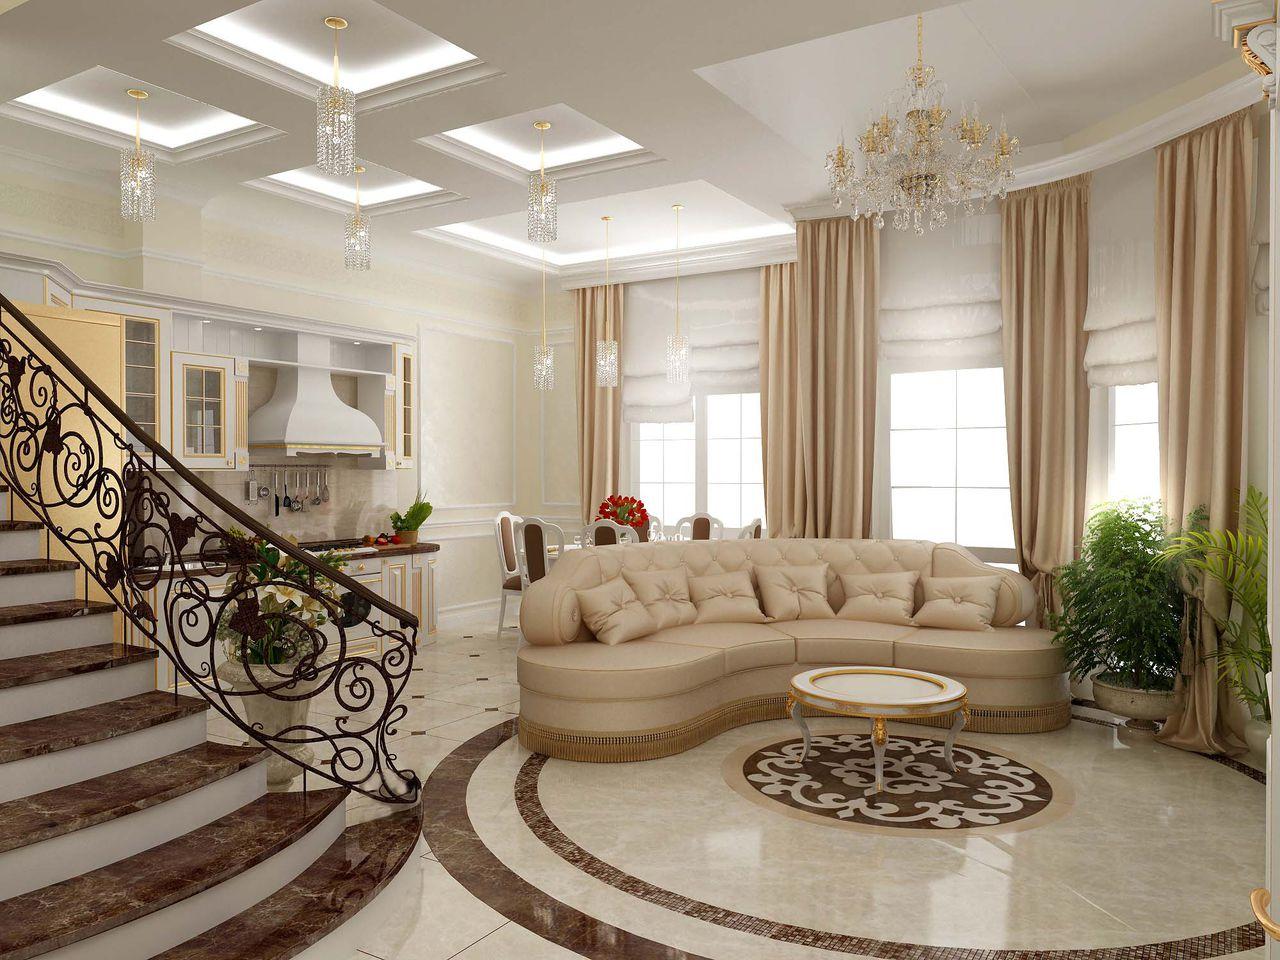 Die Halle ist mit einer Küche in einem privaten Haus kombiniert ...